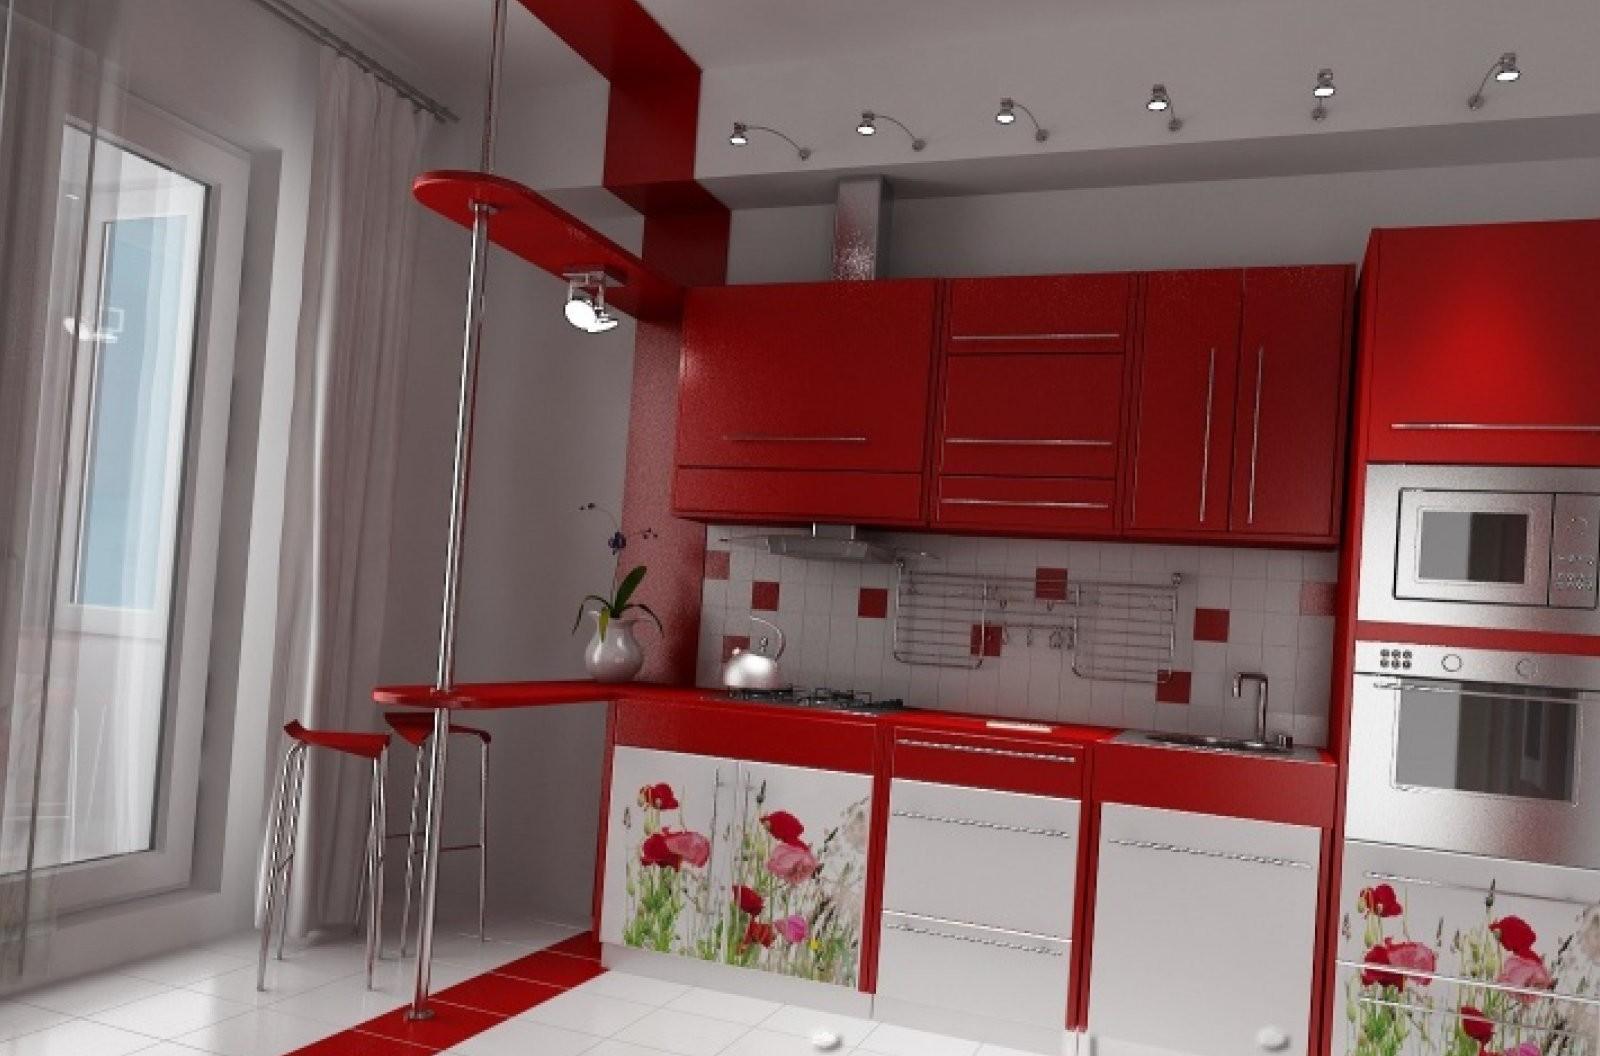 Fotos Decoracion Cocinas Cocinas Rsticas Muebles De Cocina Rsticos Con Miles De Ideas De Decoracin Youtube With Fotos Decoracion Cocinas Great